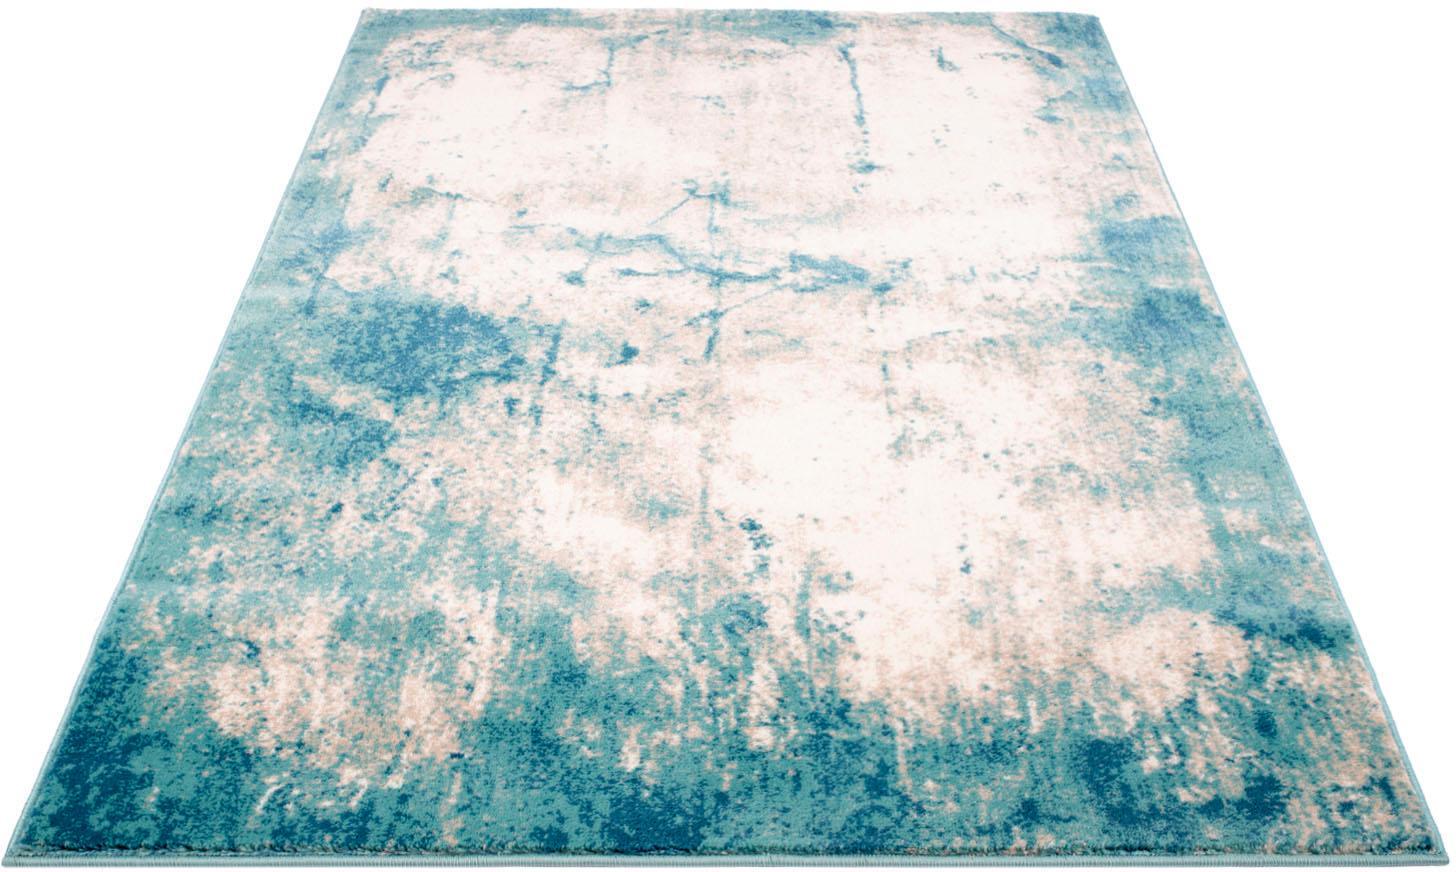 Teppich Inspiration 7690 Carpet City rechteckig Höhe 11 mm maschinell gewebt